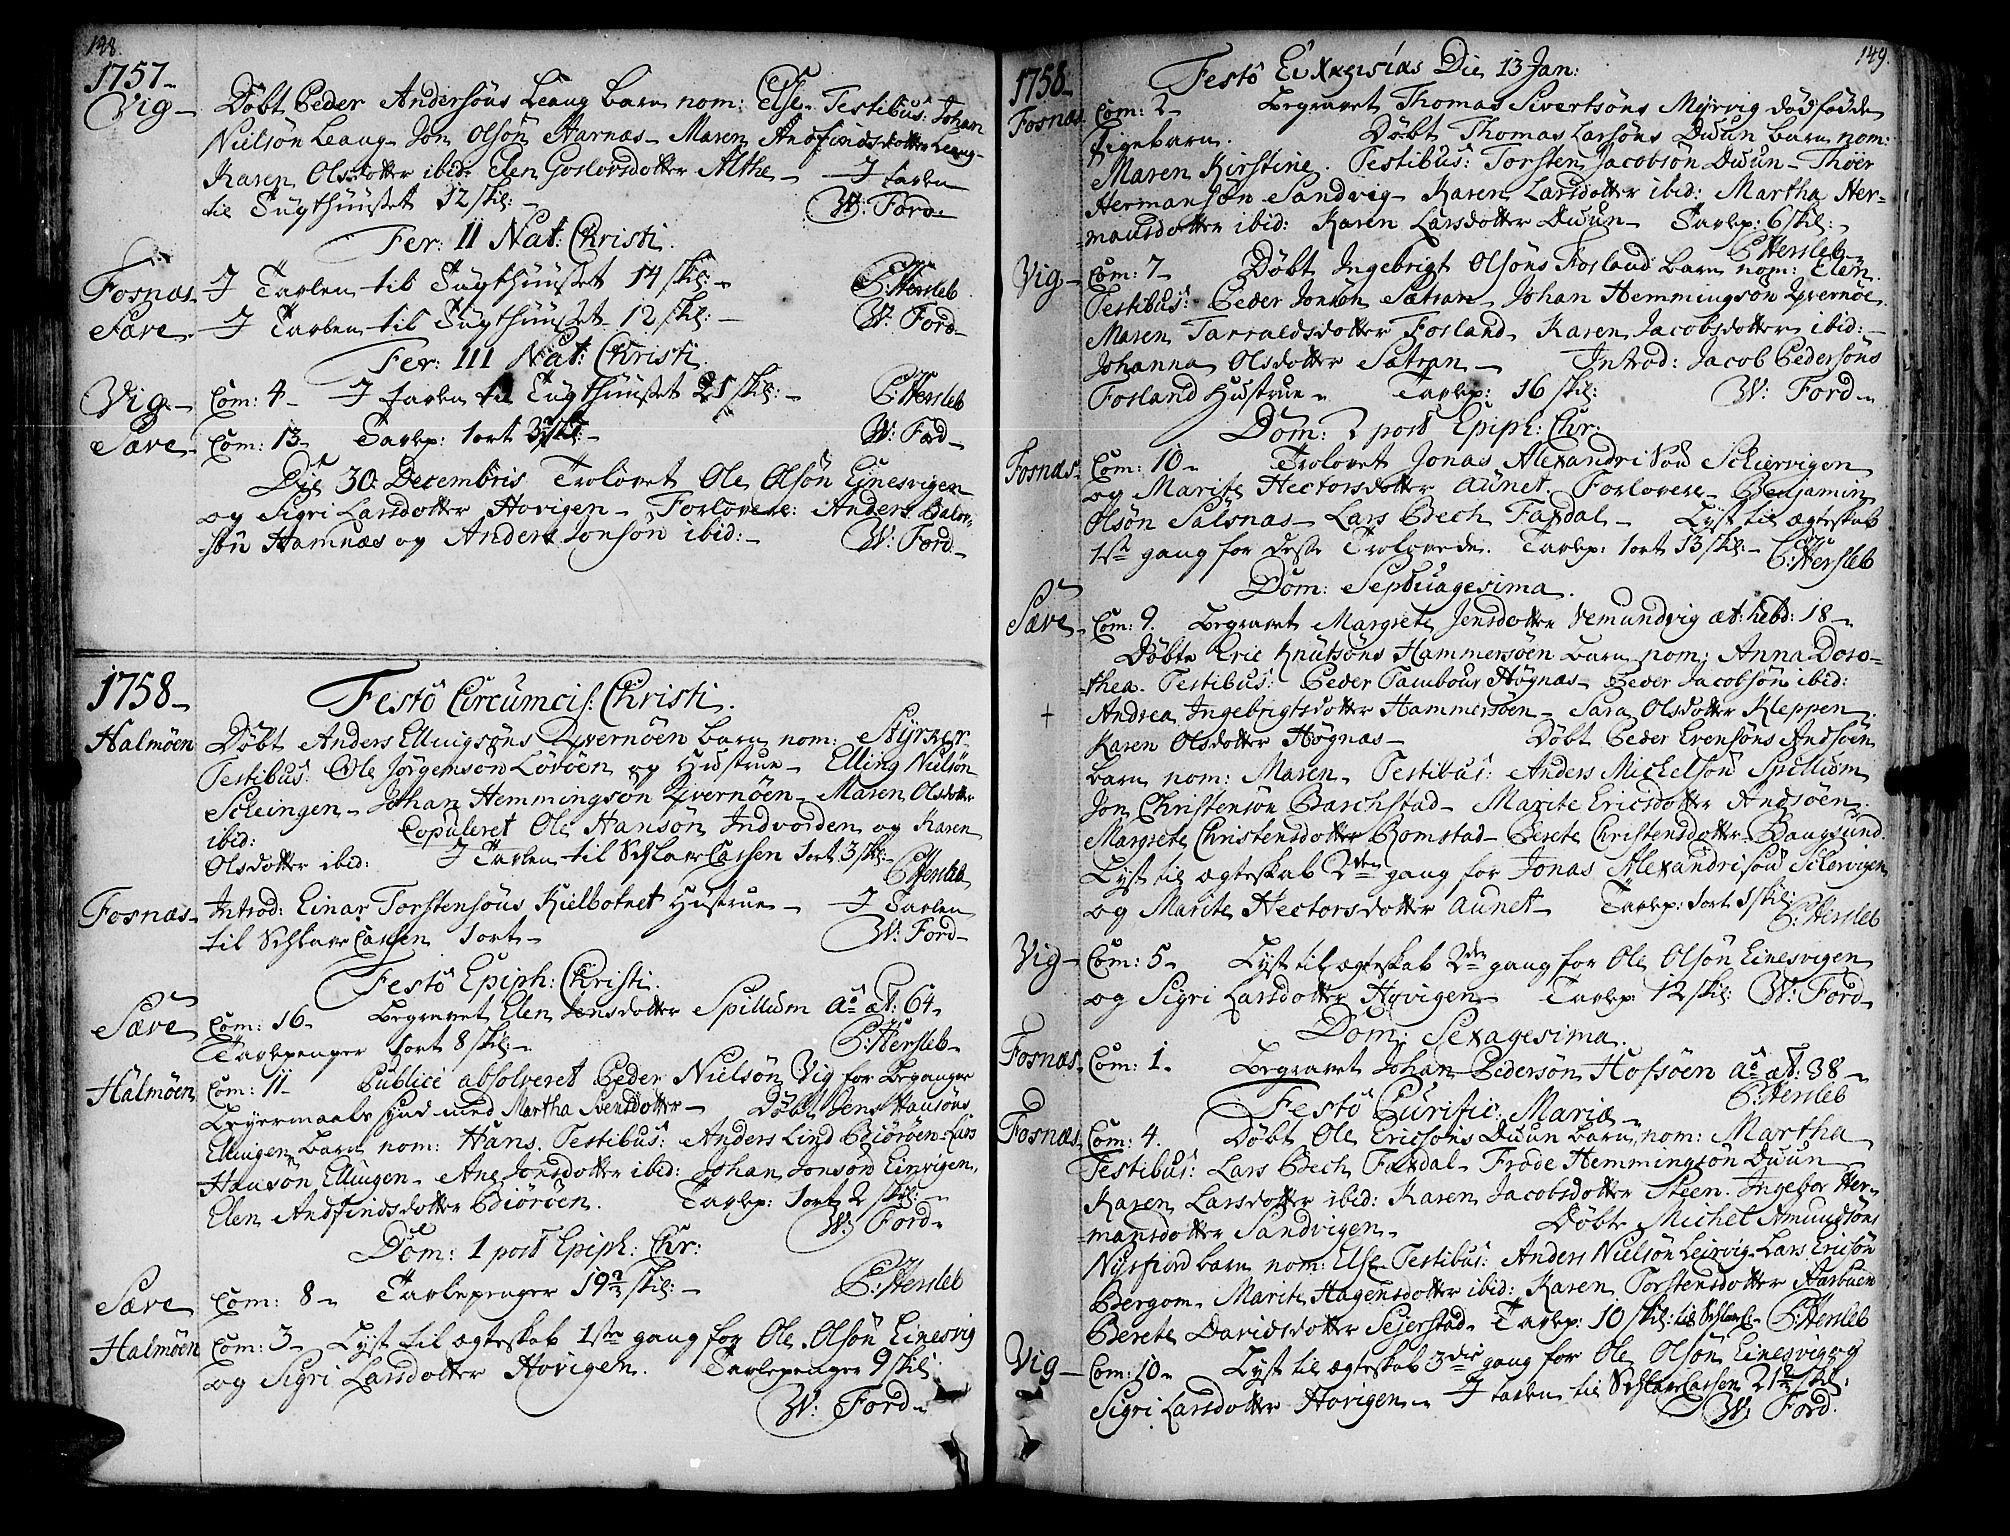 SAT, Ministerialprotokoller, klokkerbøker og fødselsregistre - Nord-Trøndelag, 773/L0607: Ministerialbok nr. 773A01, 1751-1783, s. 148-149